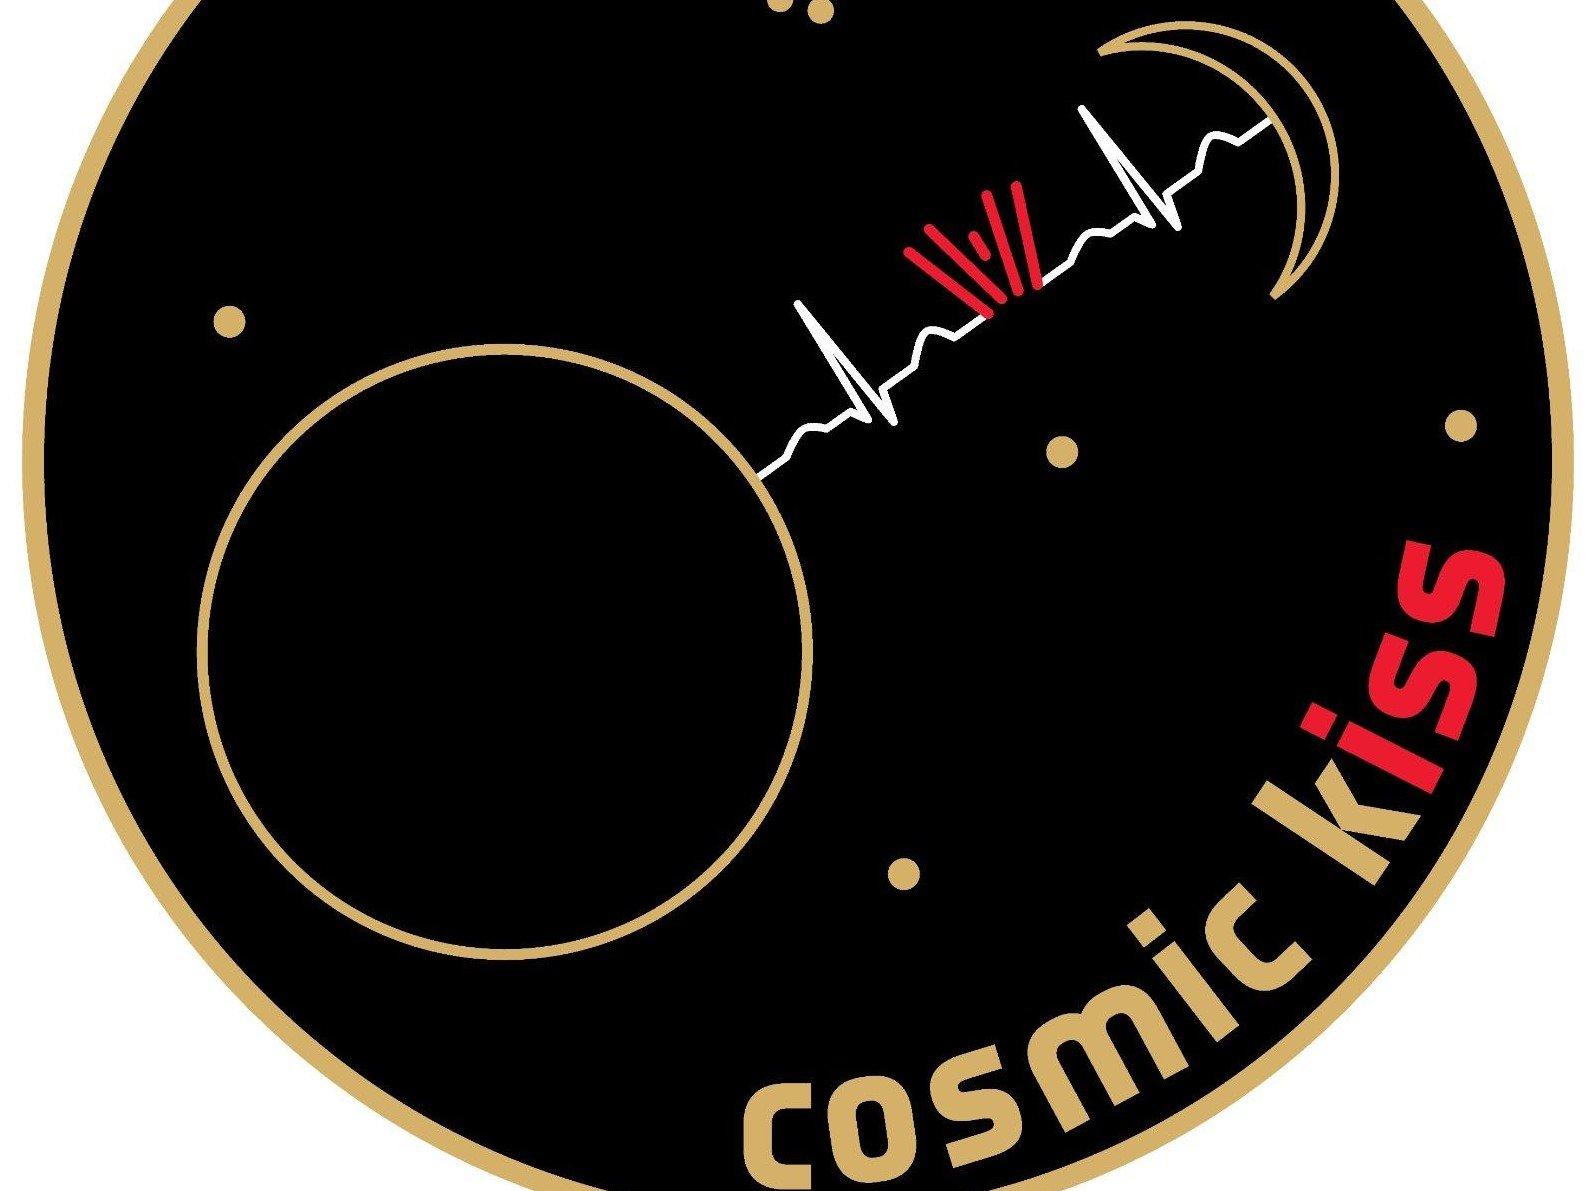 Cosmic Kiss – eine Liebeserklärung an die Raumfahrt Bild 2/4, Credit: ESA